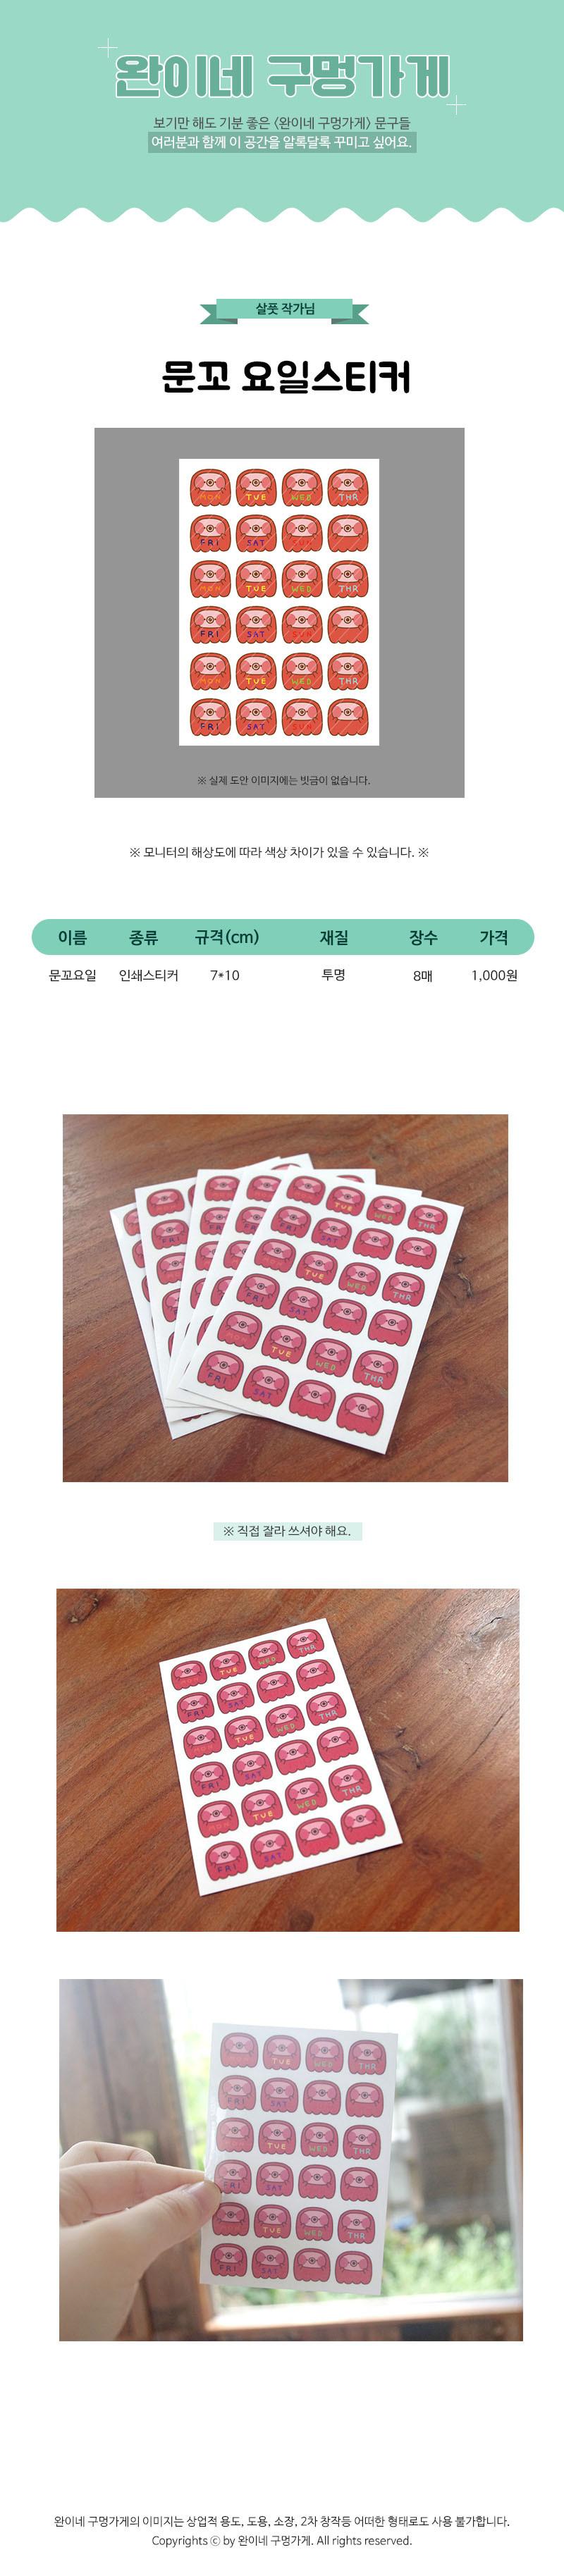 sticker450